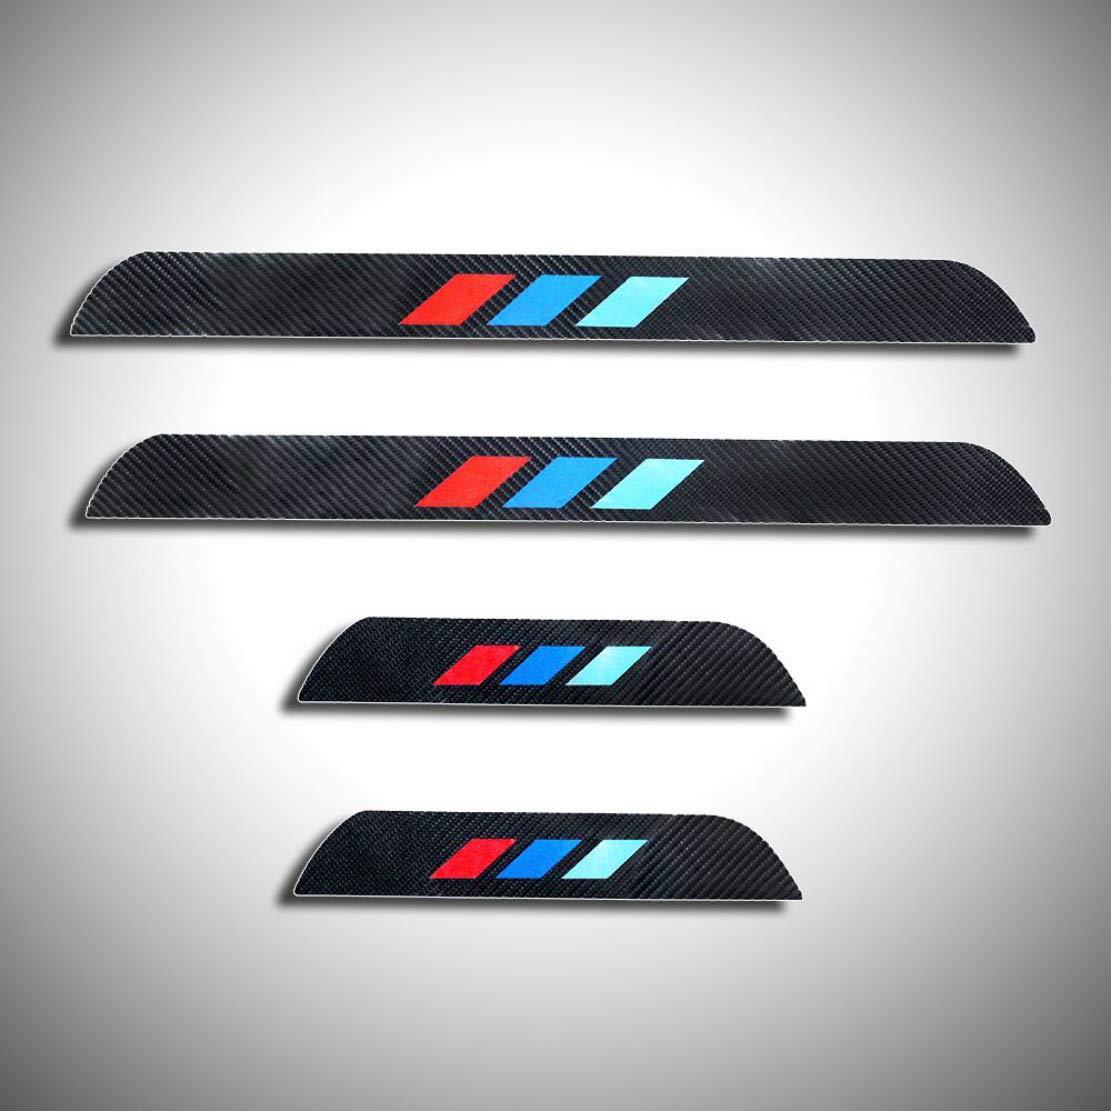 For E46 E92 E93 316 318 320 325 328 330 323 318i 320i 325i 328i 330i 335i 320d 325d Car Door Sill Scuff Plate Guard Sills Protector Trim Carbon Fiber Stickers 4pcs